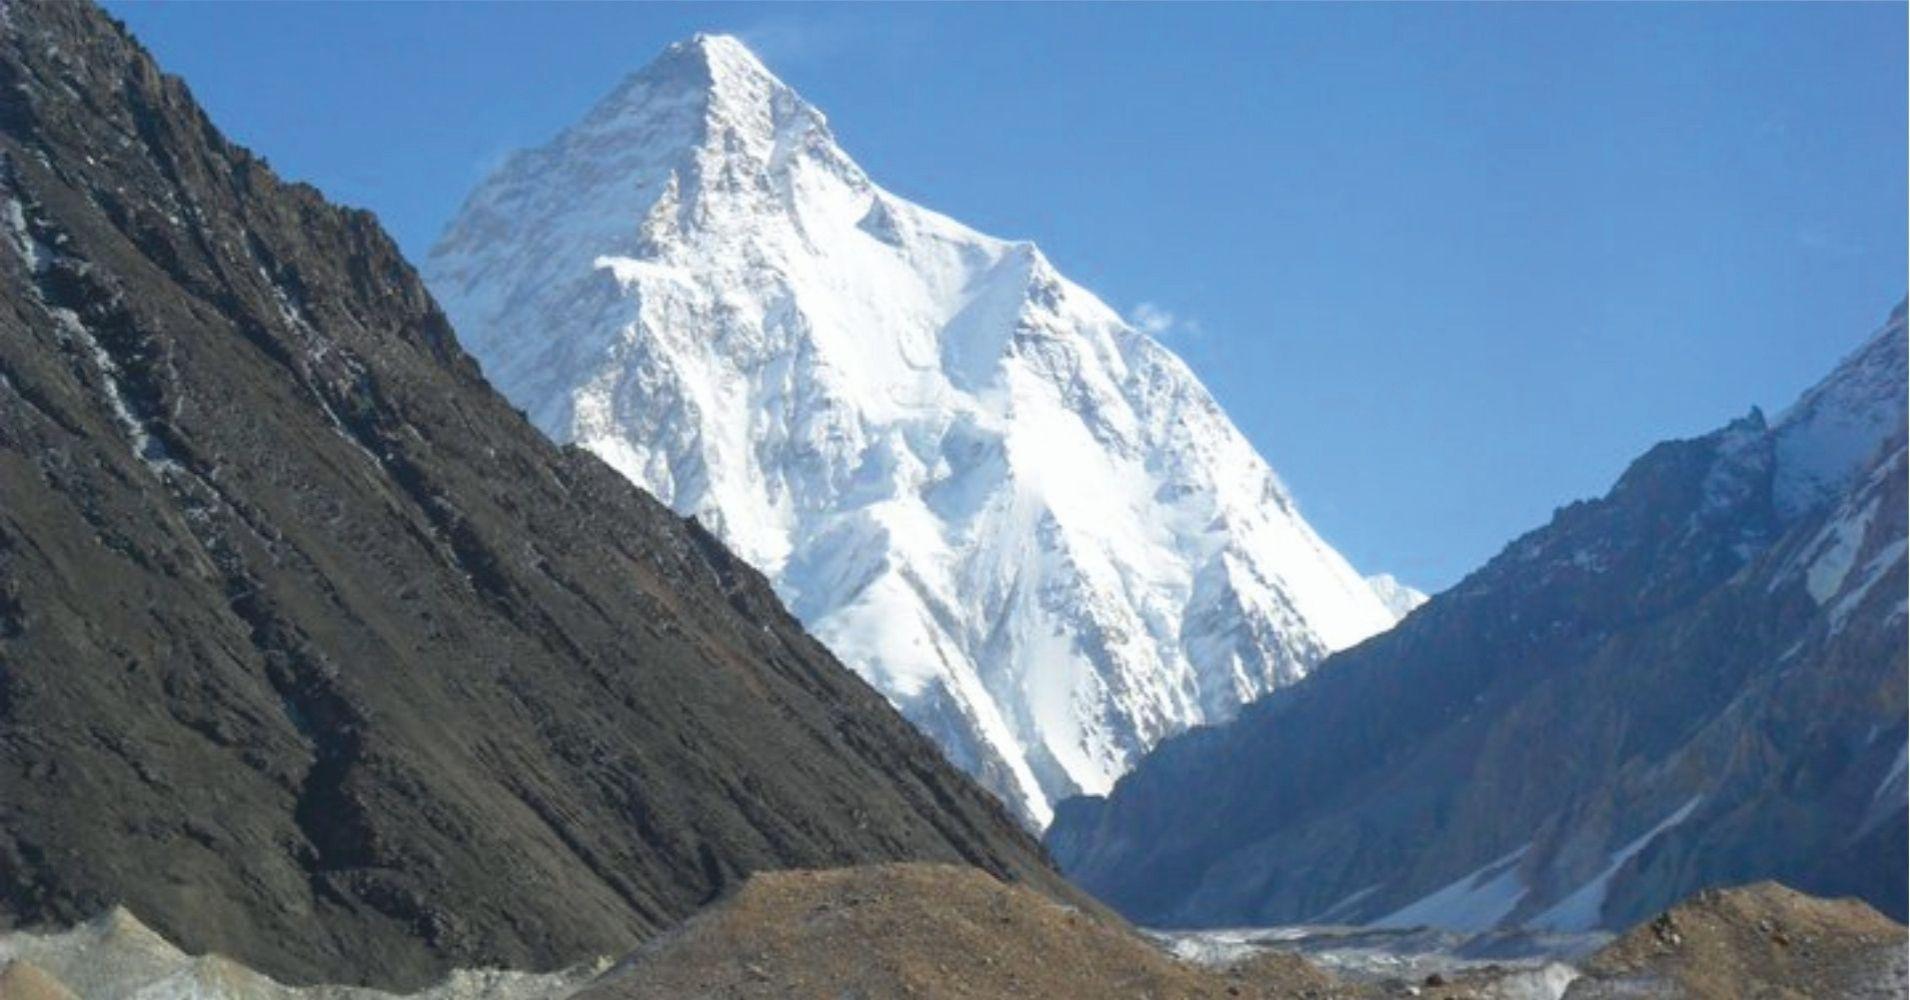 El Pico K2 Rey del Karakorum, Pakistán.